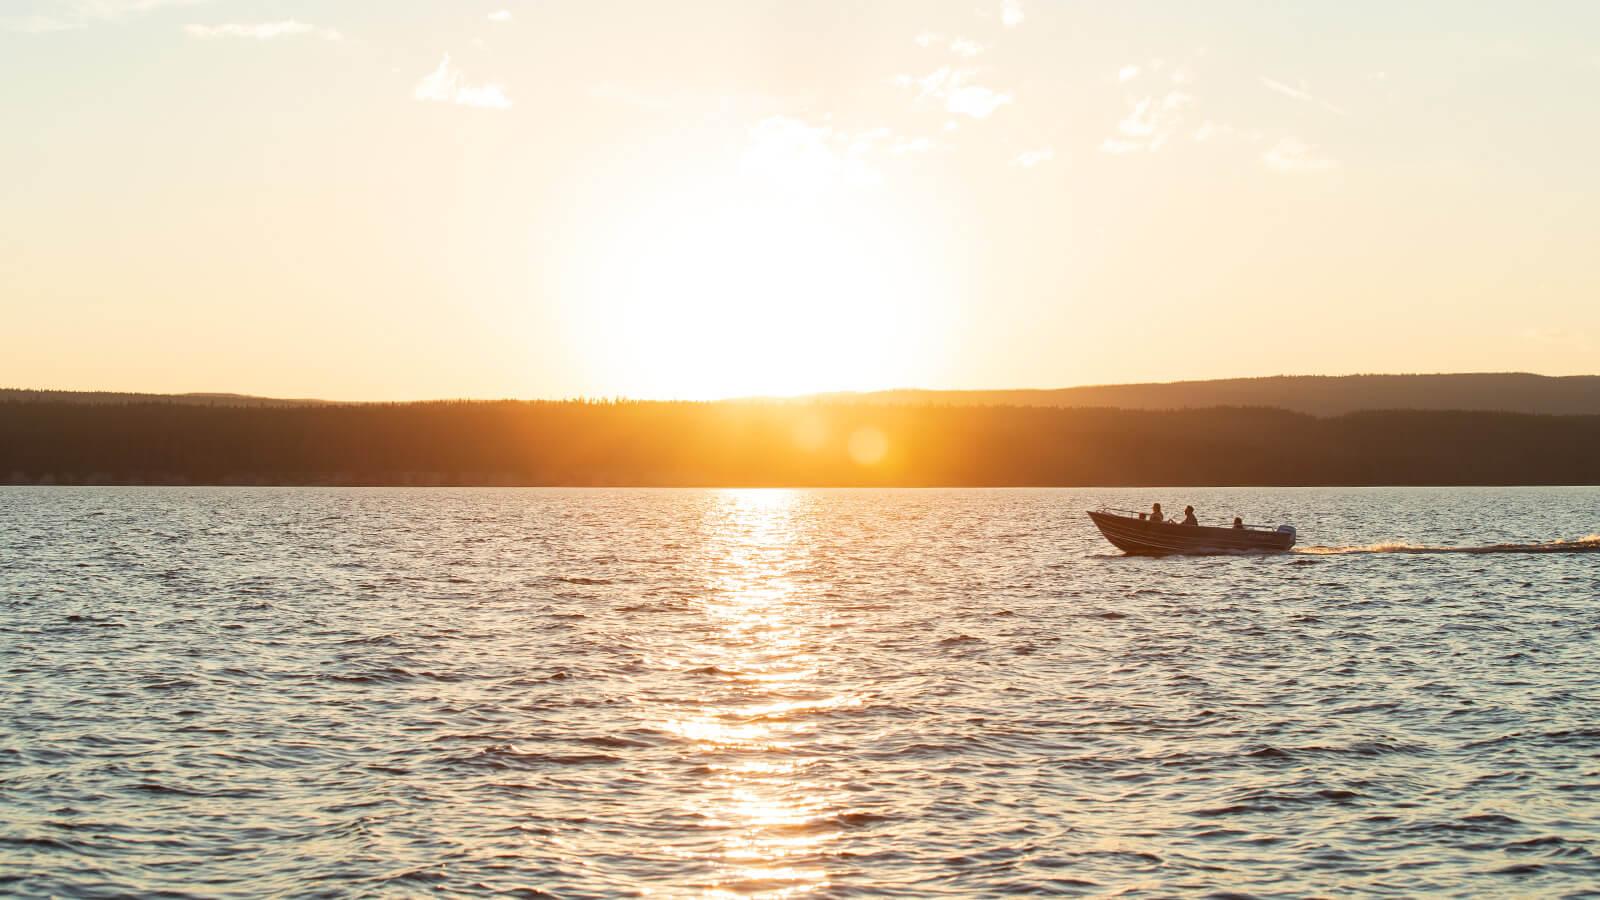 Boat driving across open water